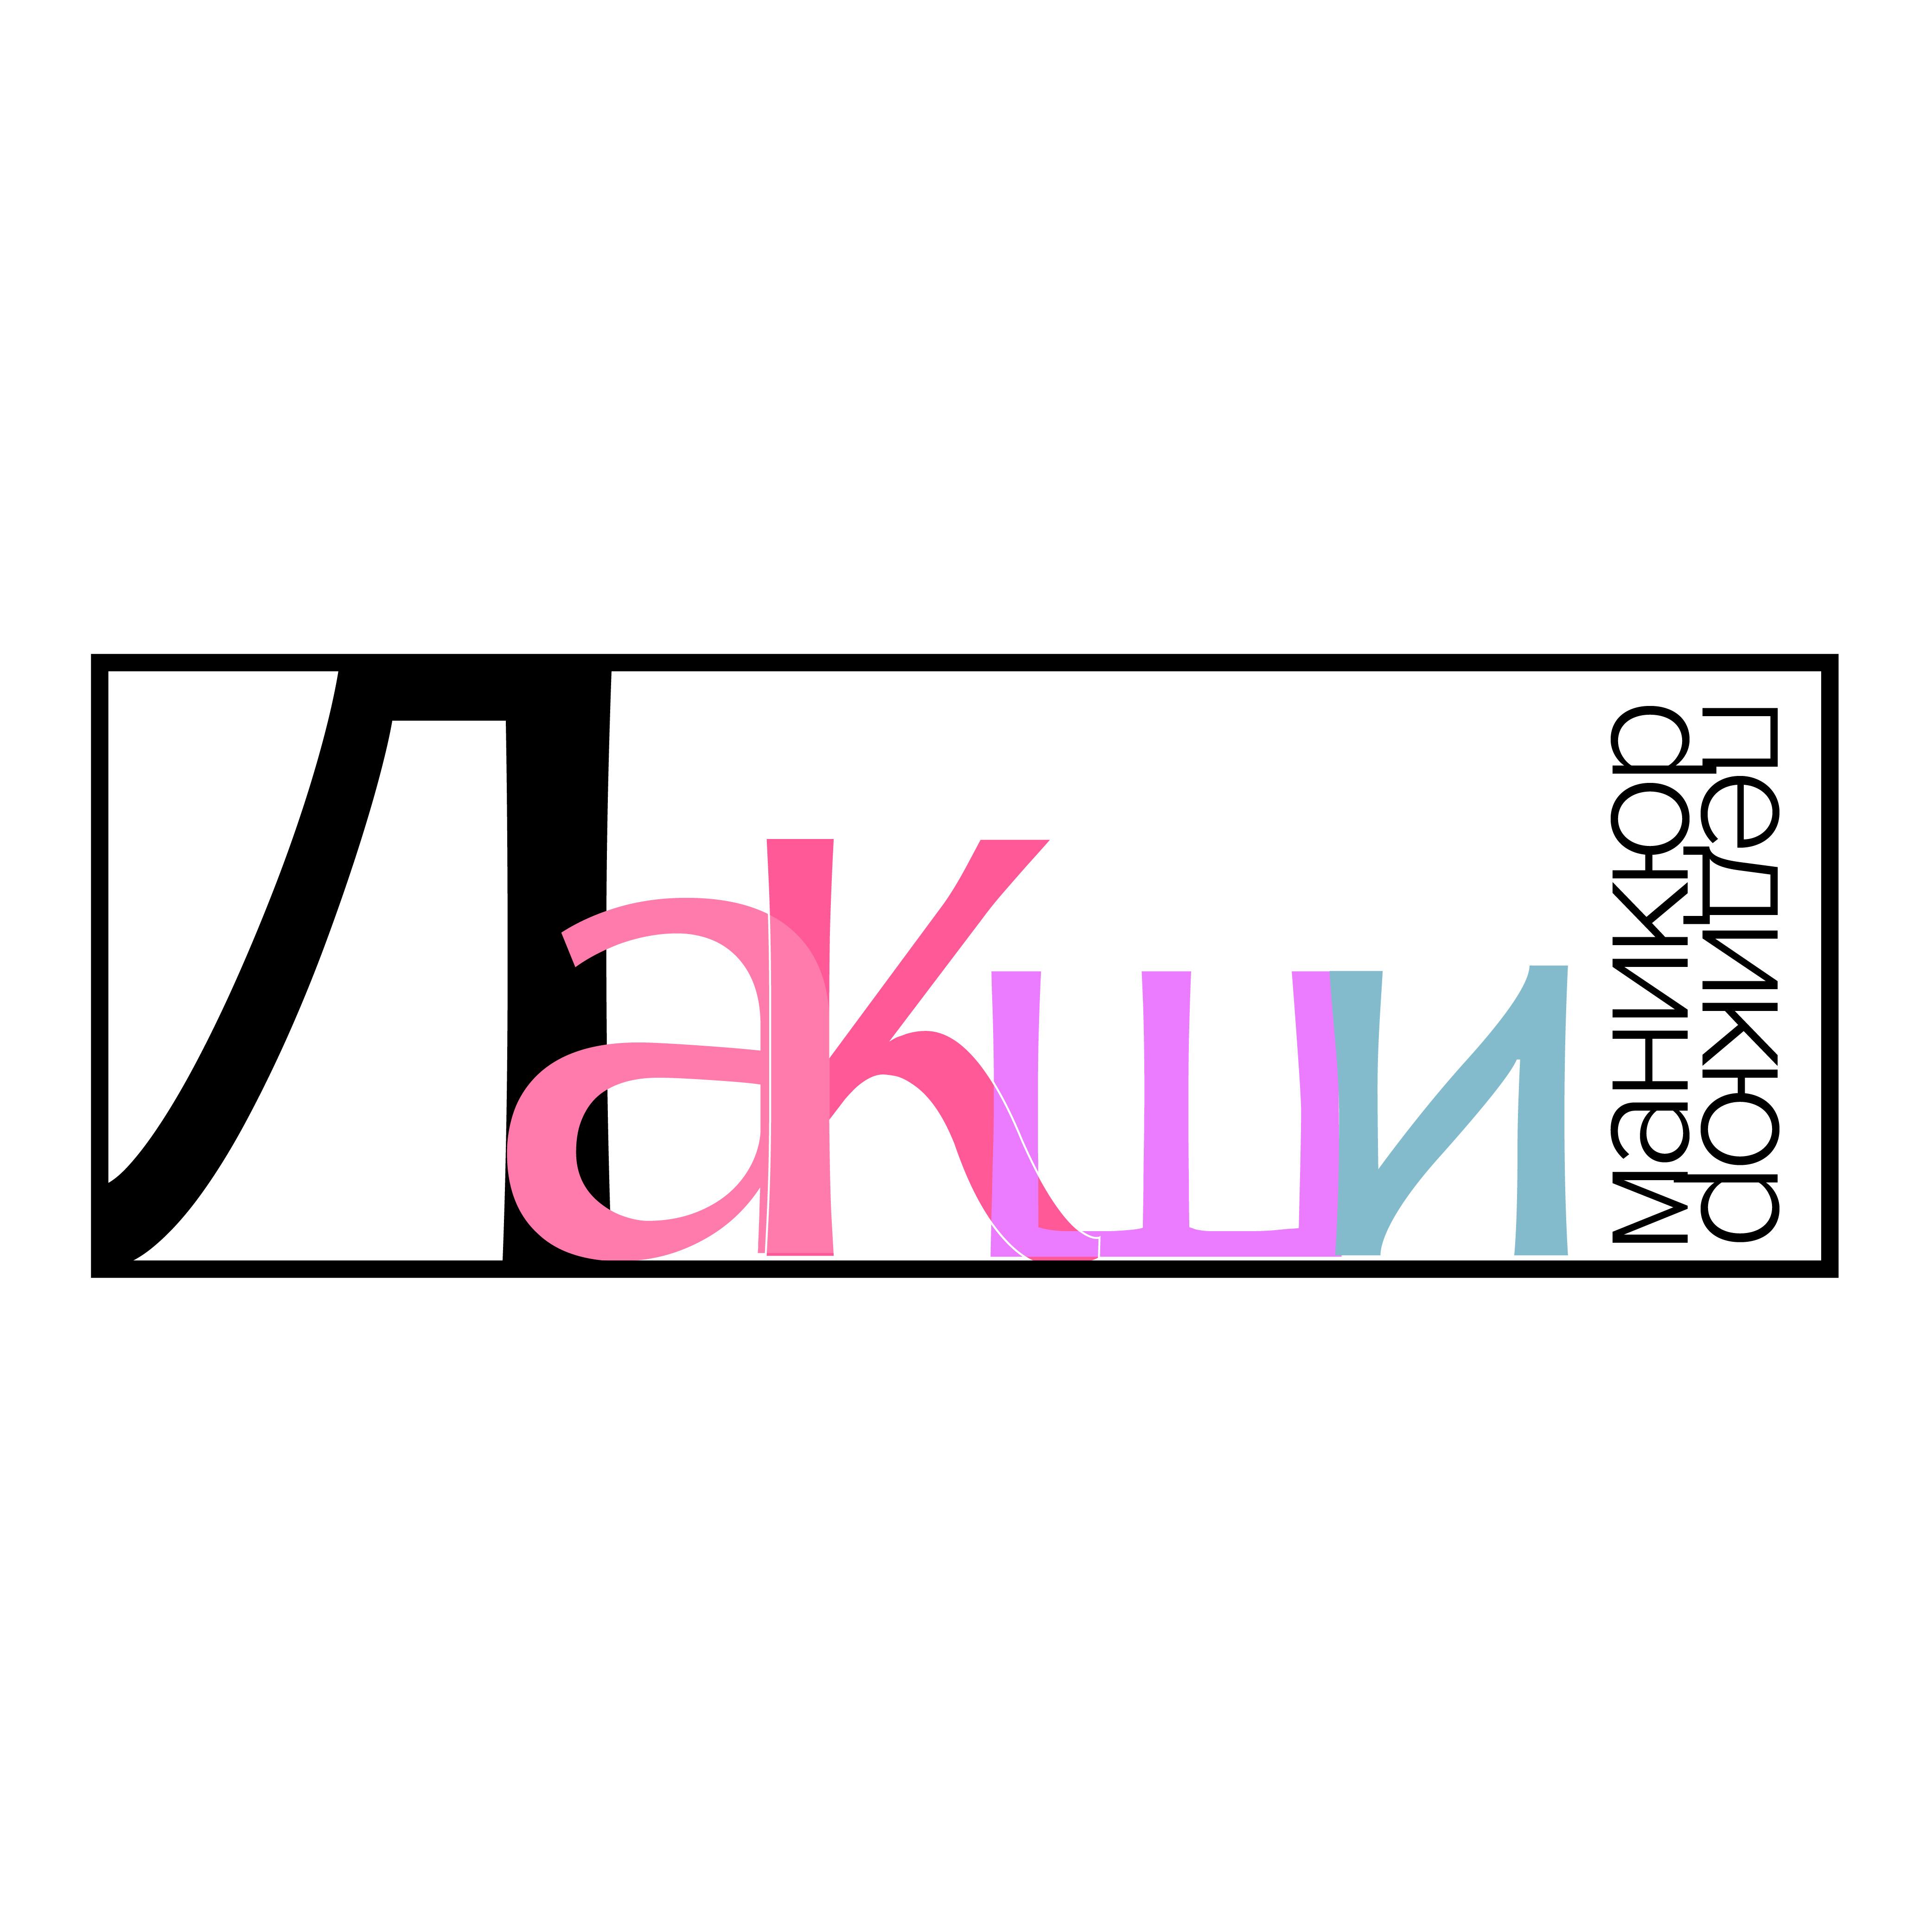 Разработка логотипа фирменного стиля фото f_0585c5639bac07f5.jpg